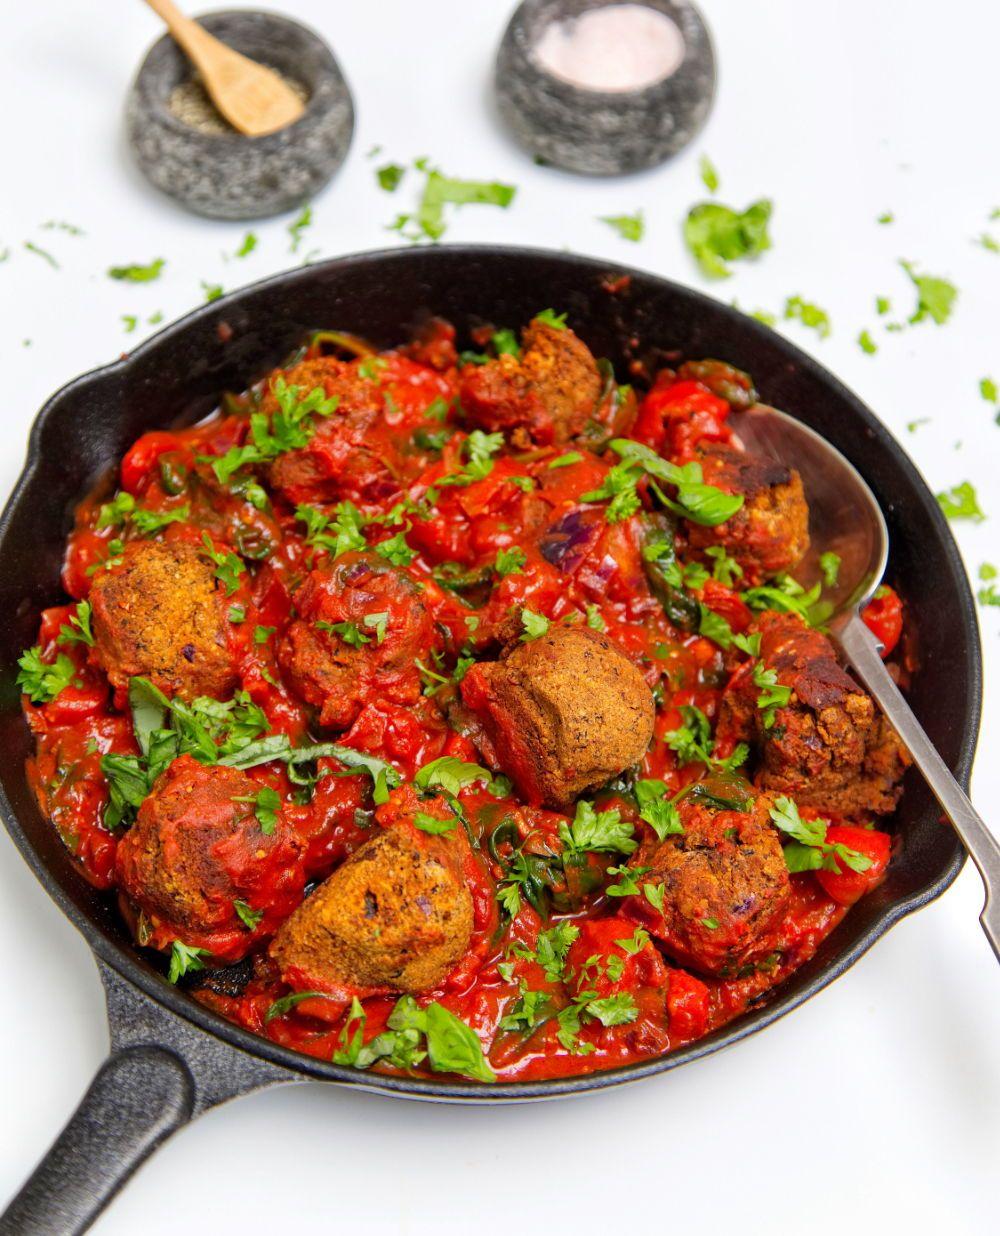 Nomeat balls gluten free vegan meat free balls